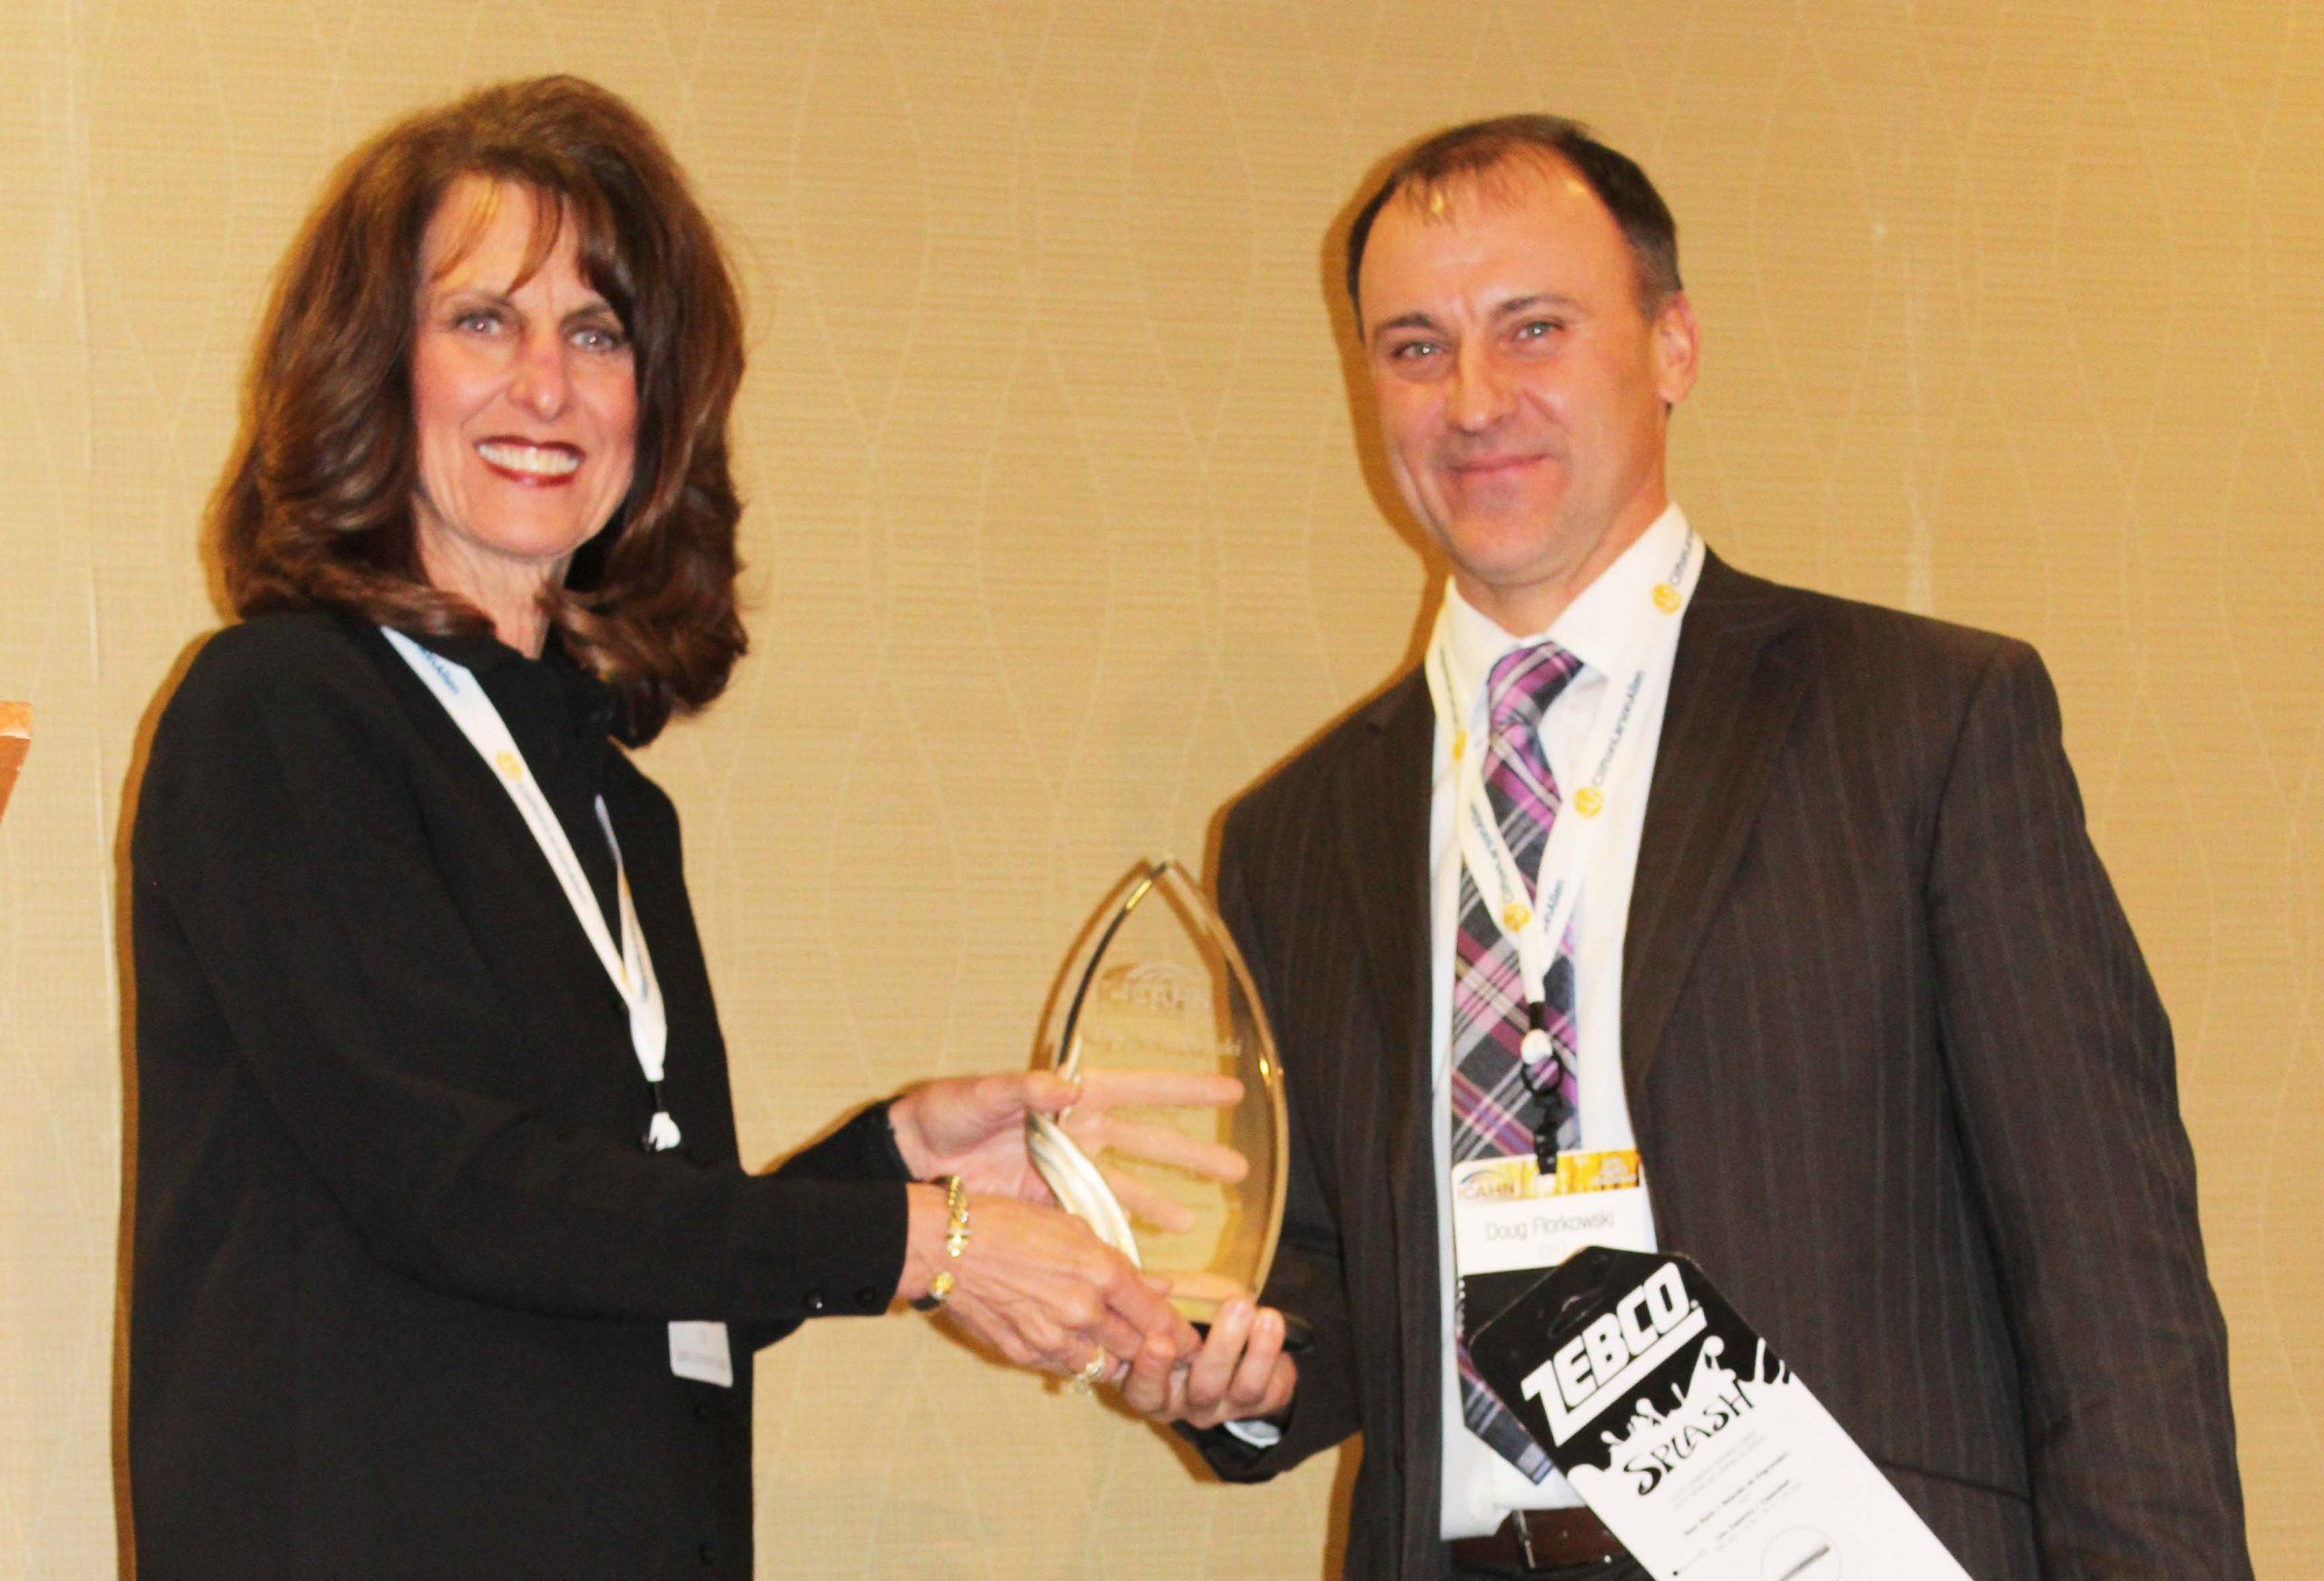 ICAHN President's Award